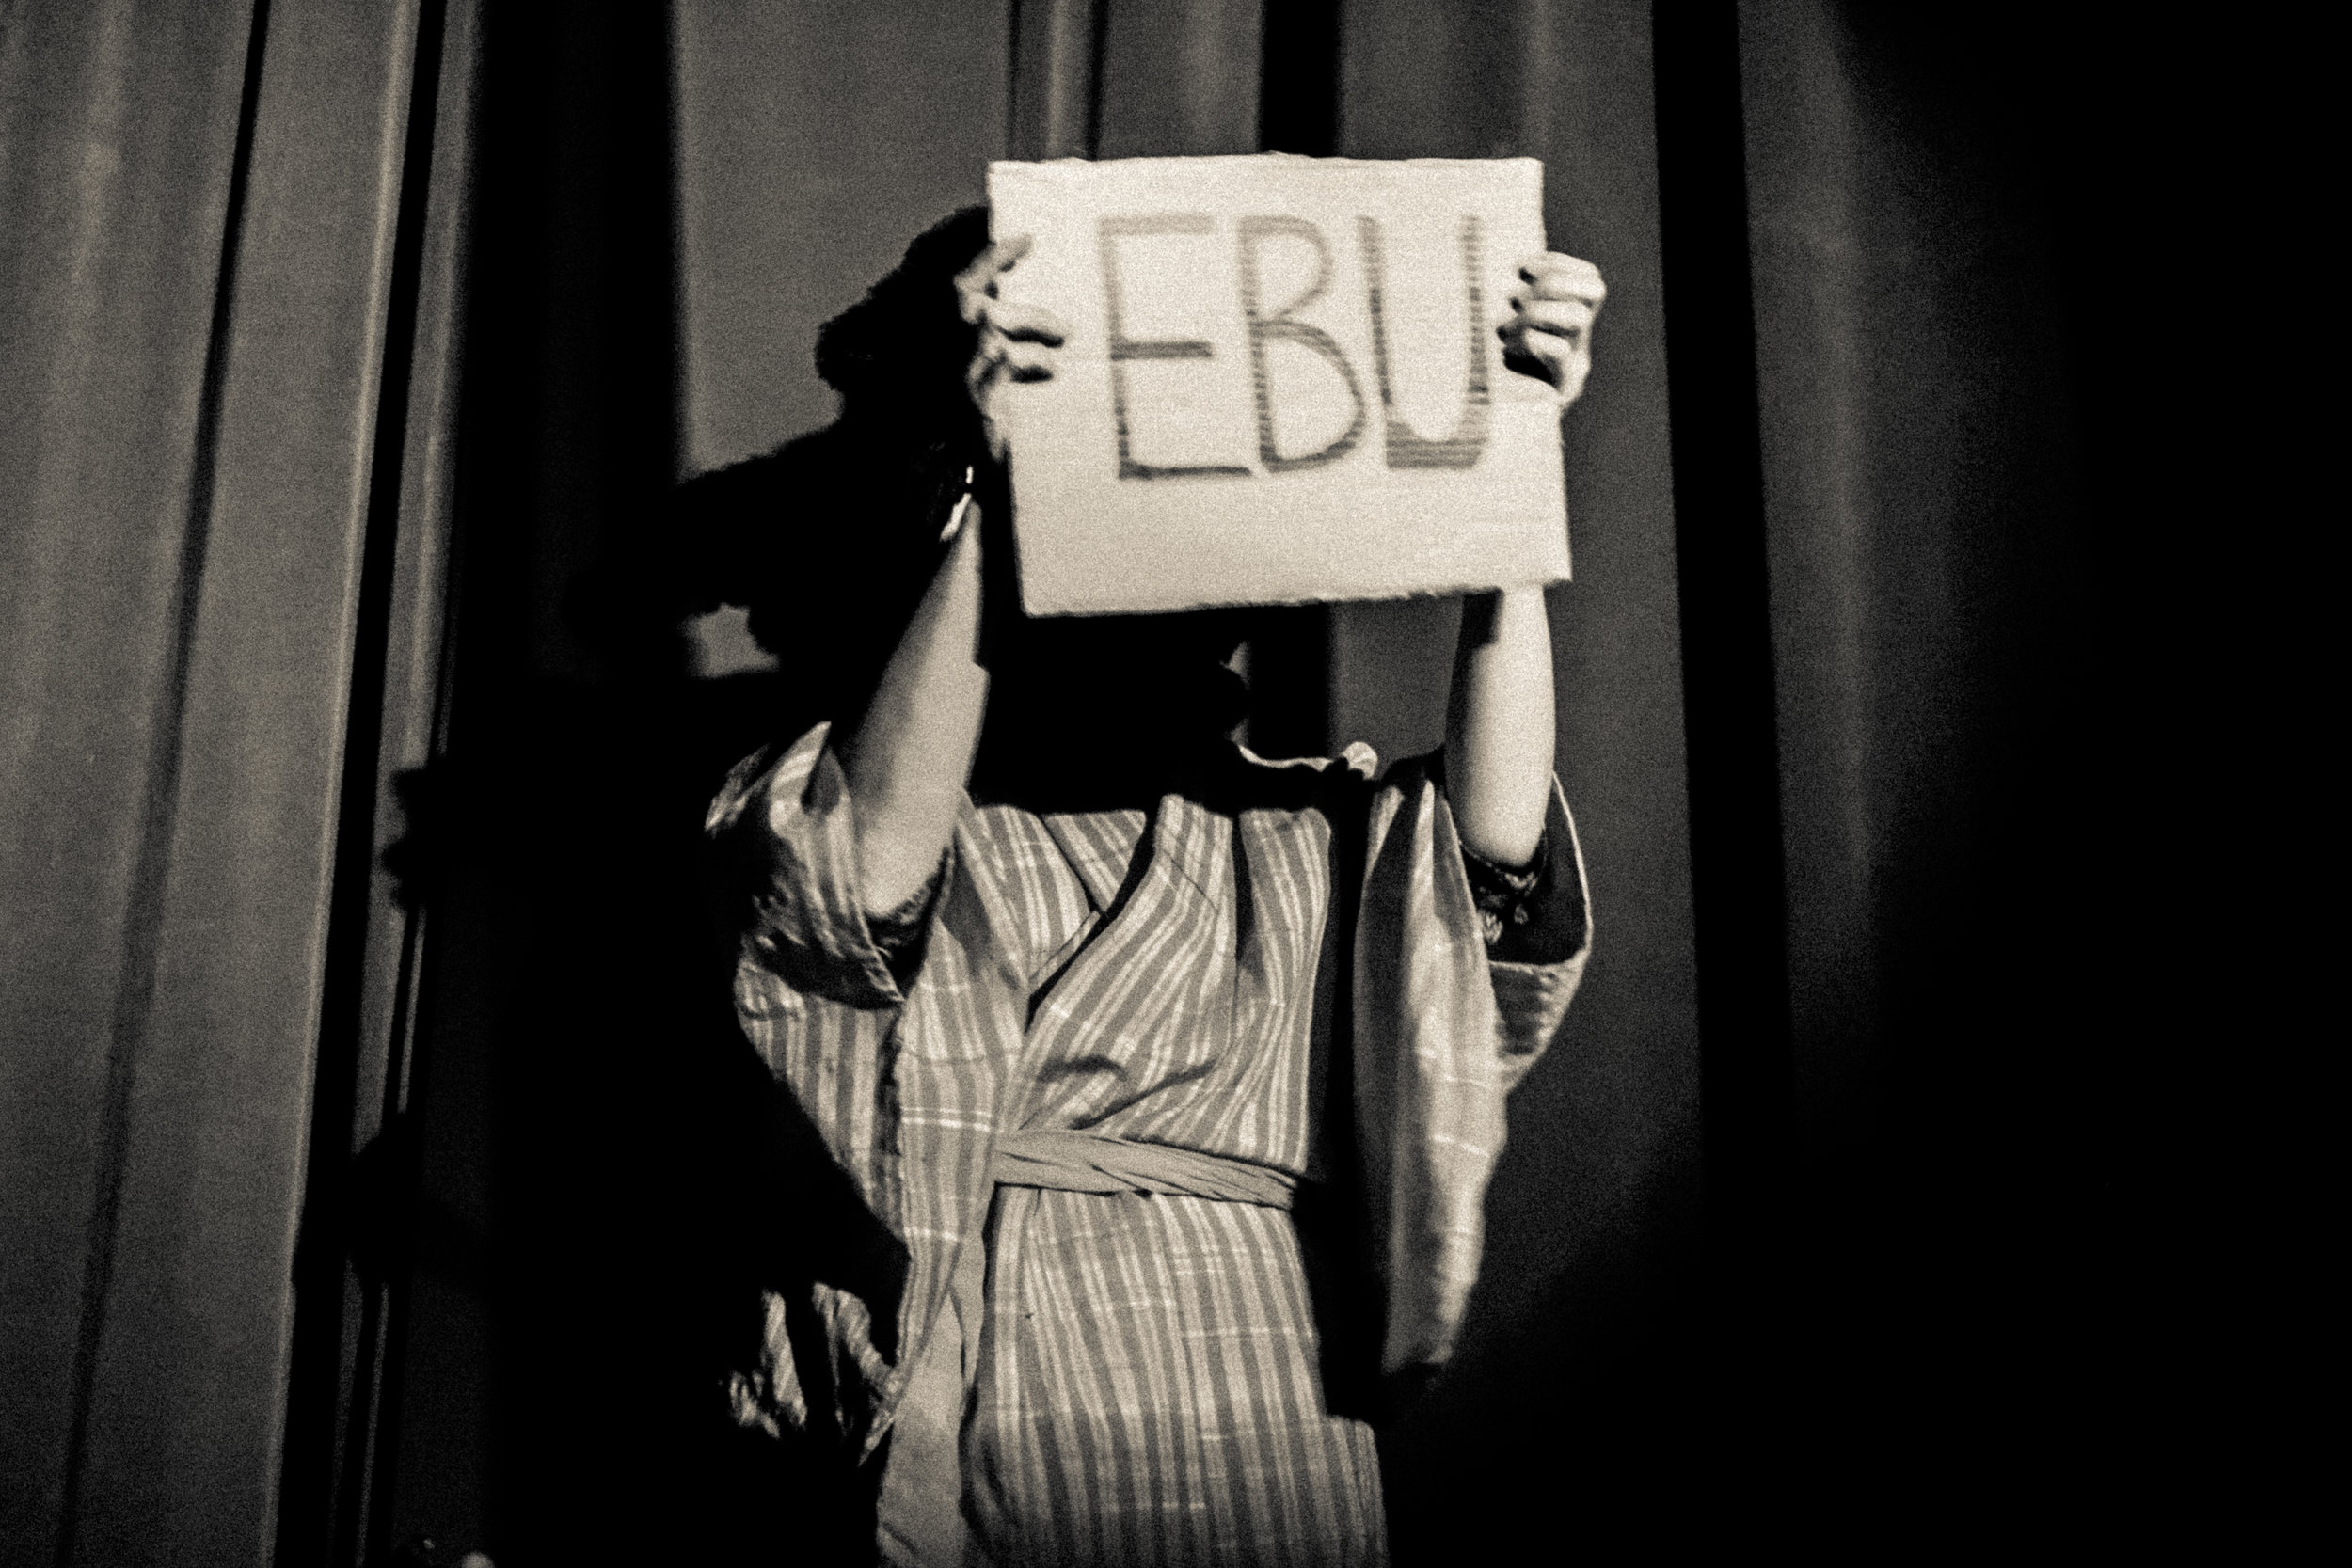 EBU1.jpg